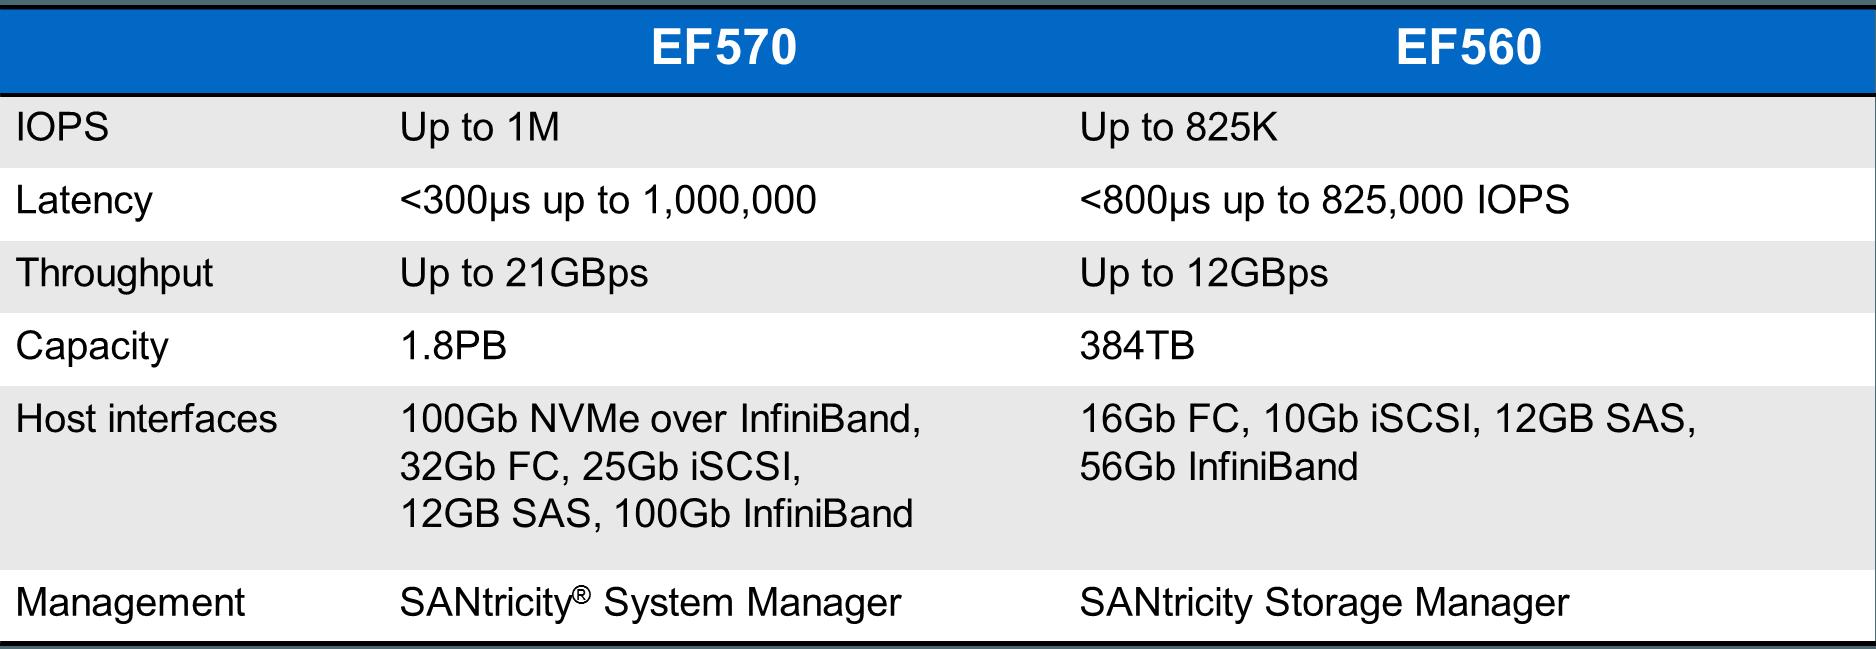 EF570 vs EF560